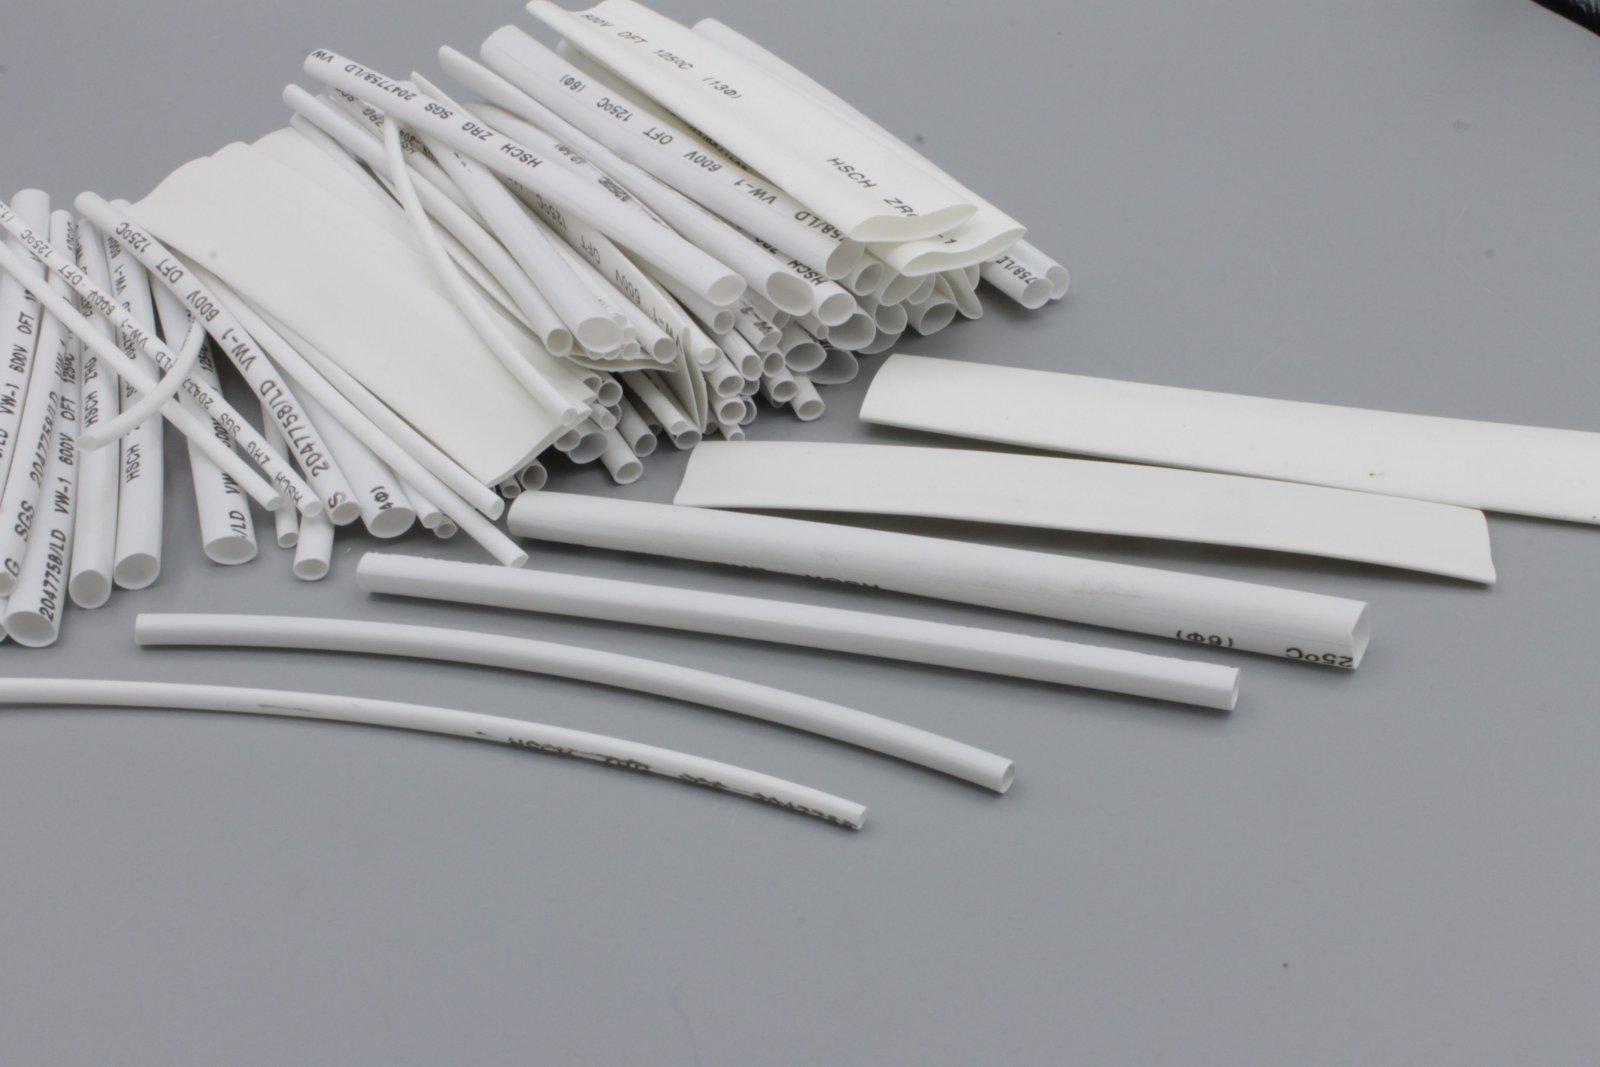 Schrumpfschlauch-Sortiment, 100-tlg Set lose - weiß - Schrumpfschläuche Set-Tüte